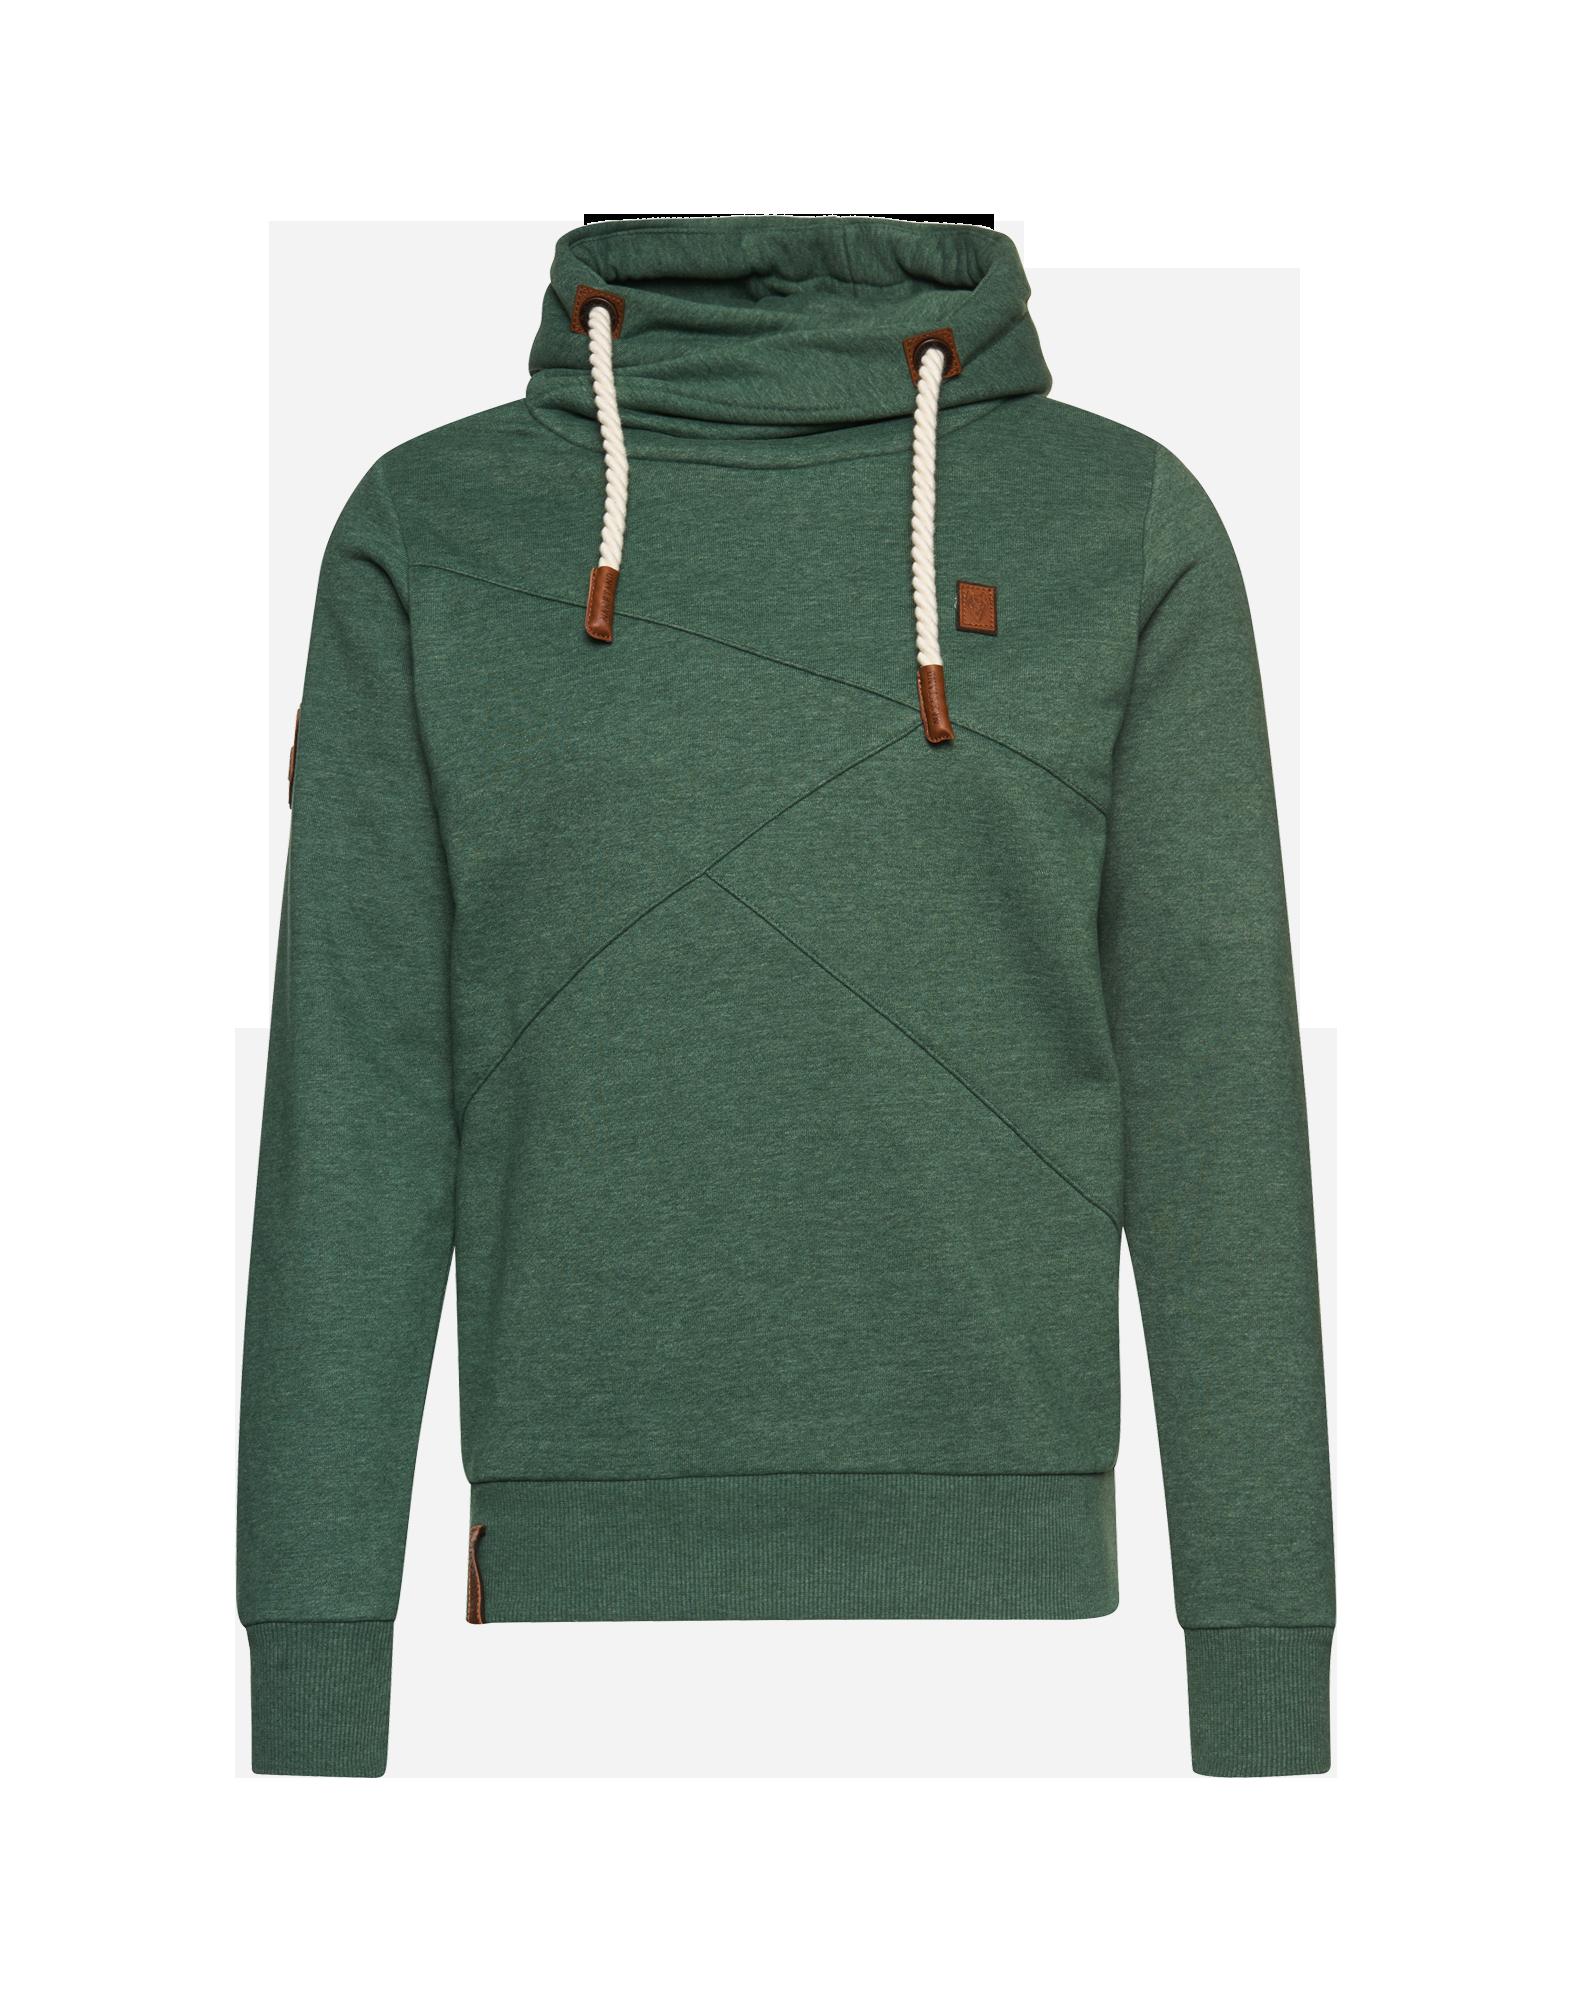 Naketano #Bekleidung #Sale #Shirts #Sweatshirts #Naketano